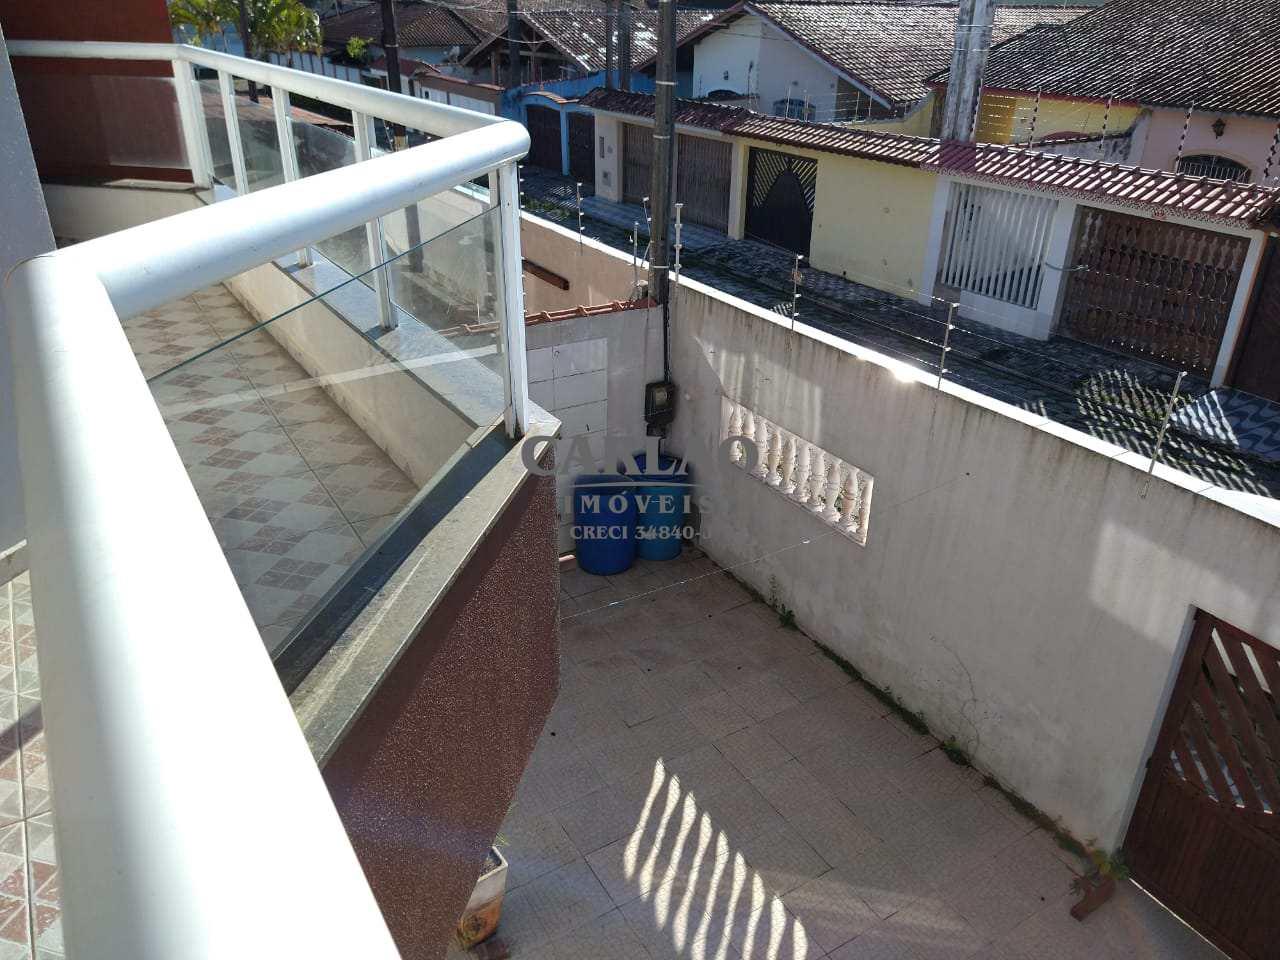 Sobrado com 3 dorms, Itaguaí, Mongaguá - R$ 350 mil, Cod: 353112